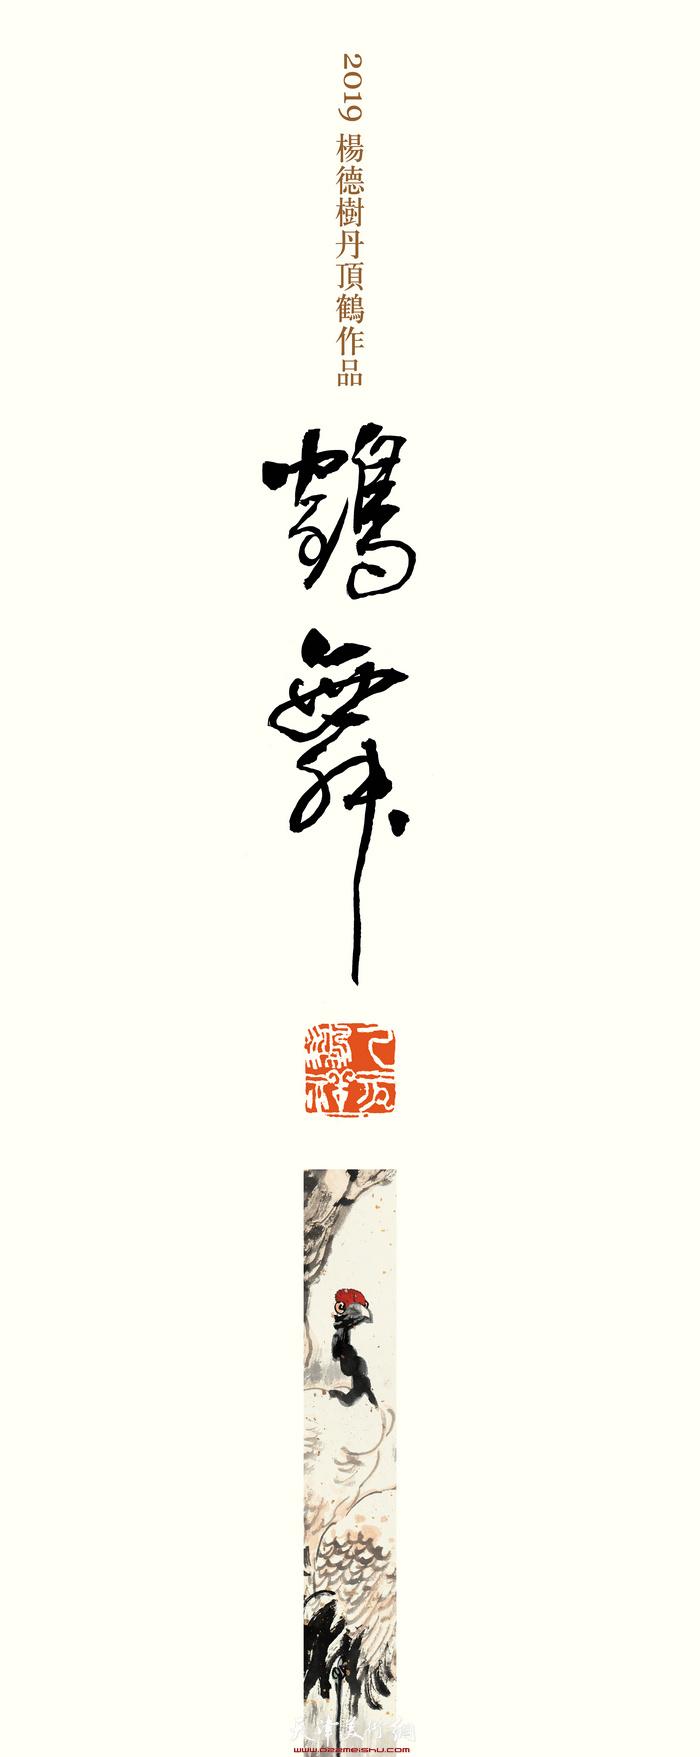 2019杨德树丹顶鹤作品《鹤舞》高清年历欣赏